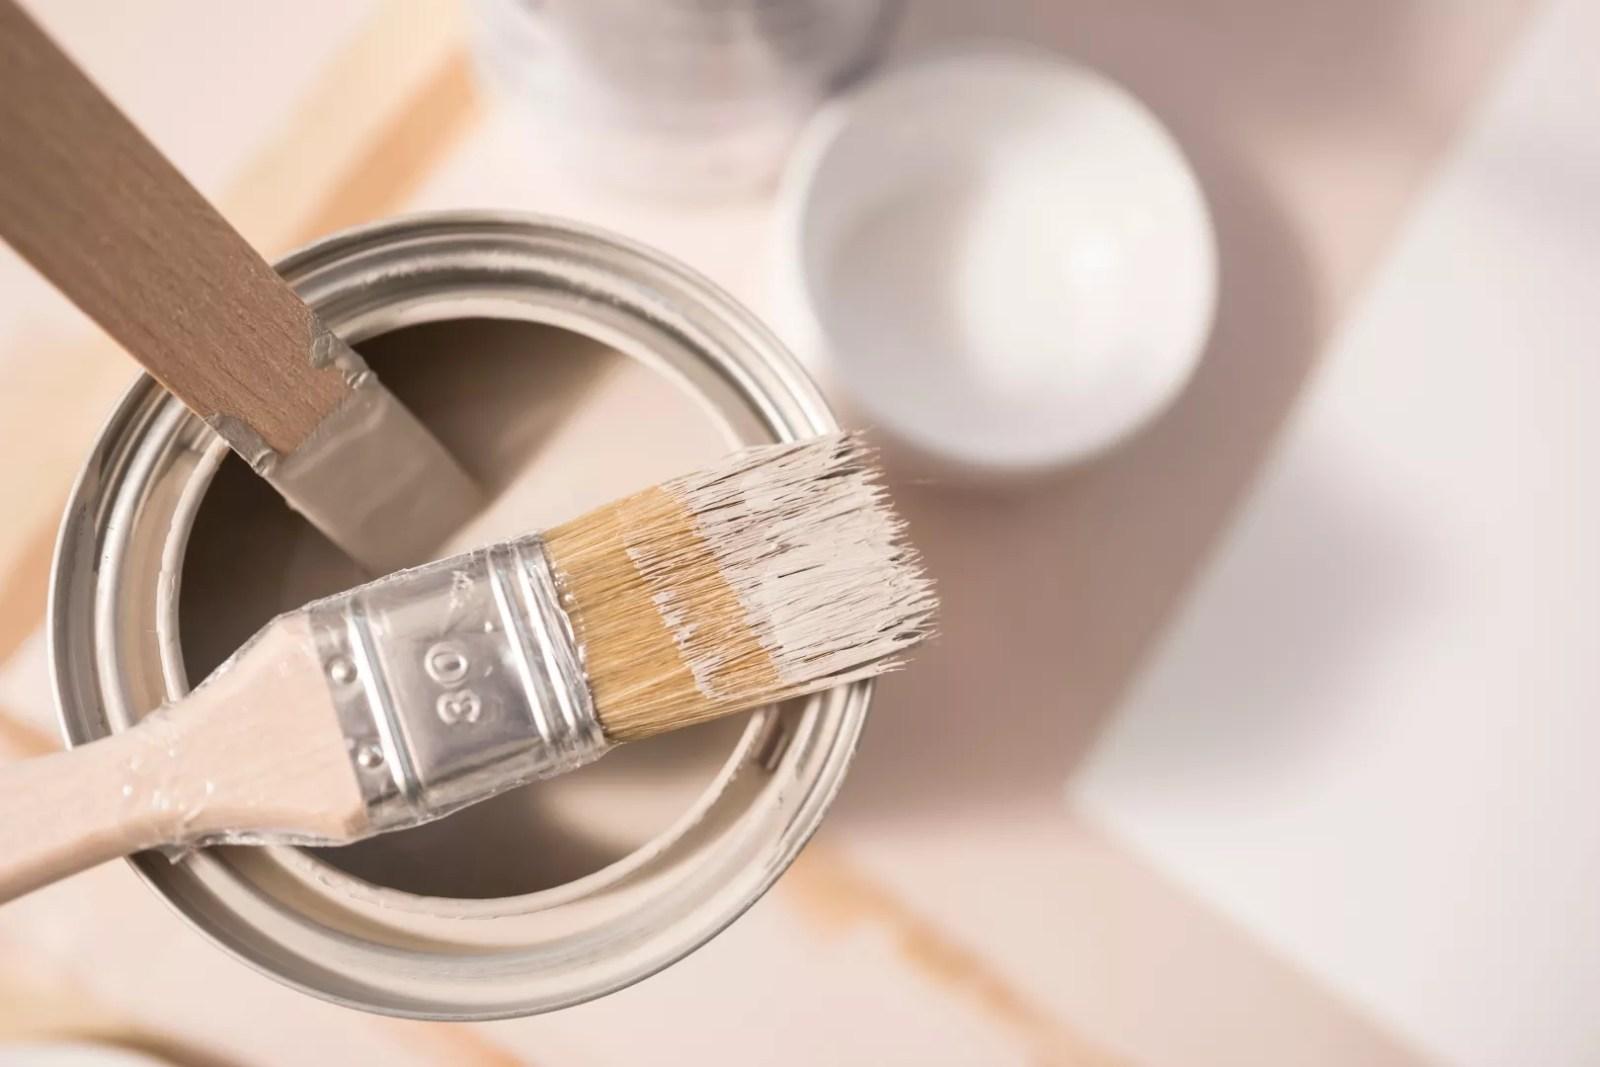 Woontrends 2019 | Kleur van het jaar 2019 - Spiced Honey (Photo: Flexa ColourFutures™ 2019) - Woonblog StijlvolStyling.com by SBZ Interieur Design